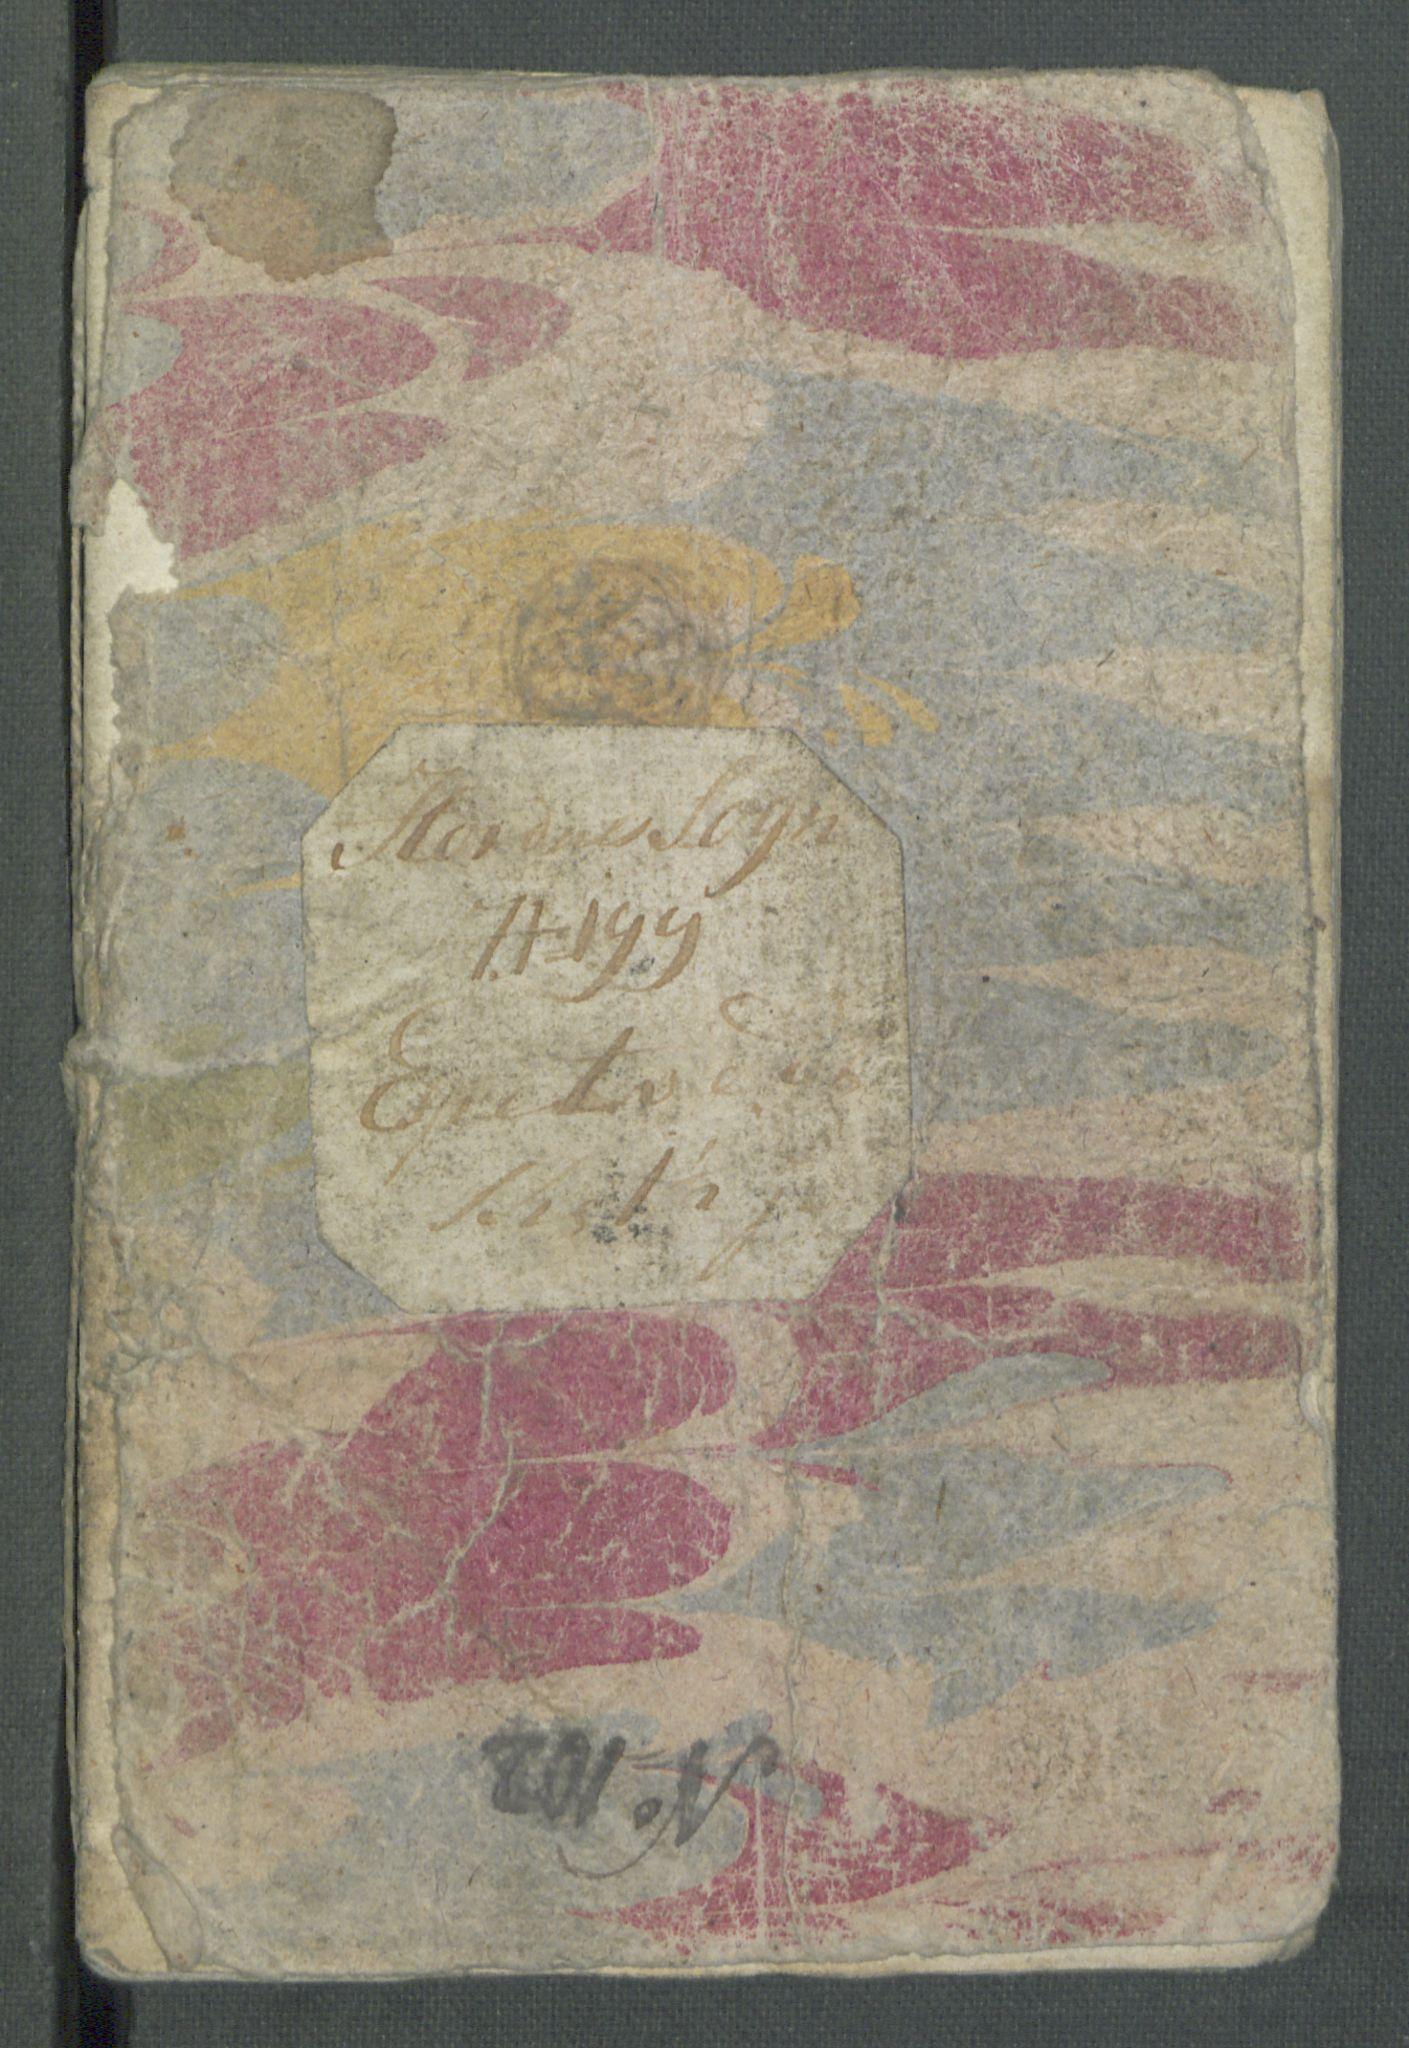 RA, Rentekammeret inntil 1814, Realistisk ordnet avdeling, Od/L0001: Oppløp, 1786-1769, s. 576